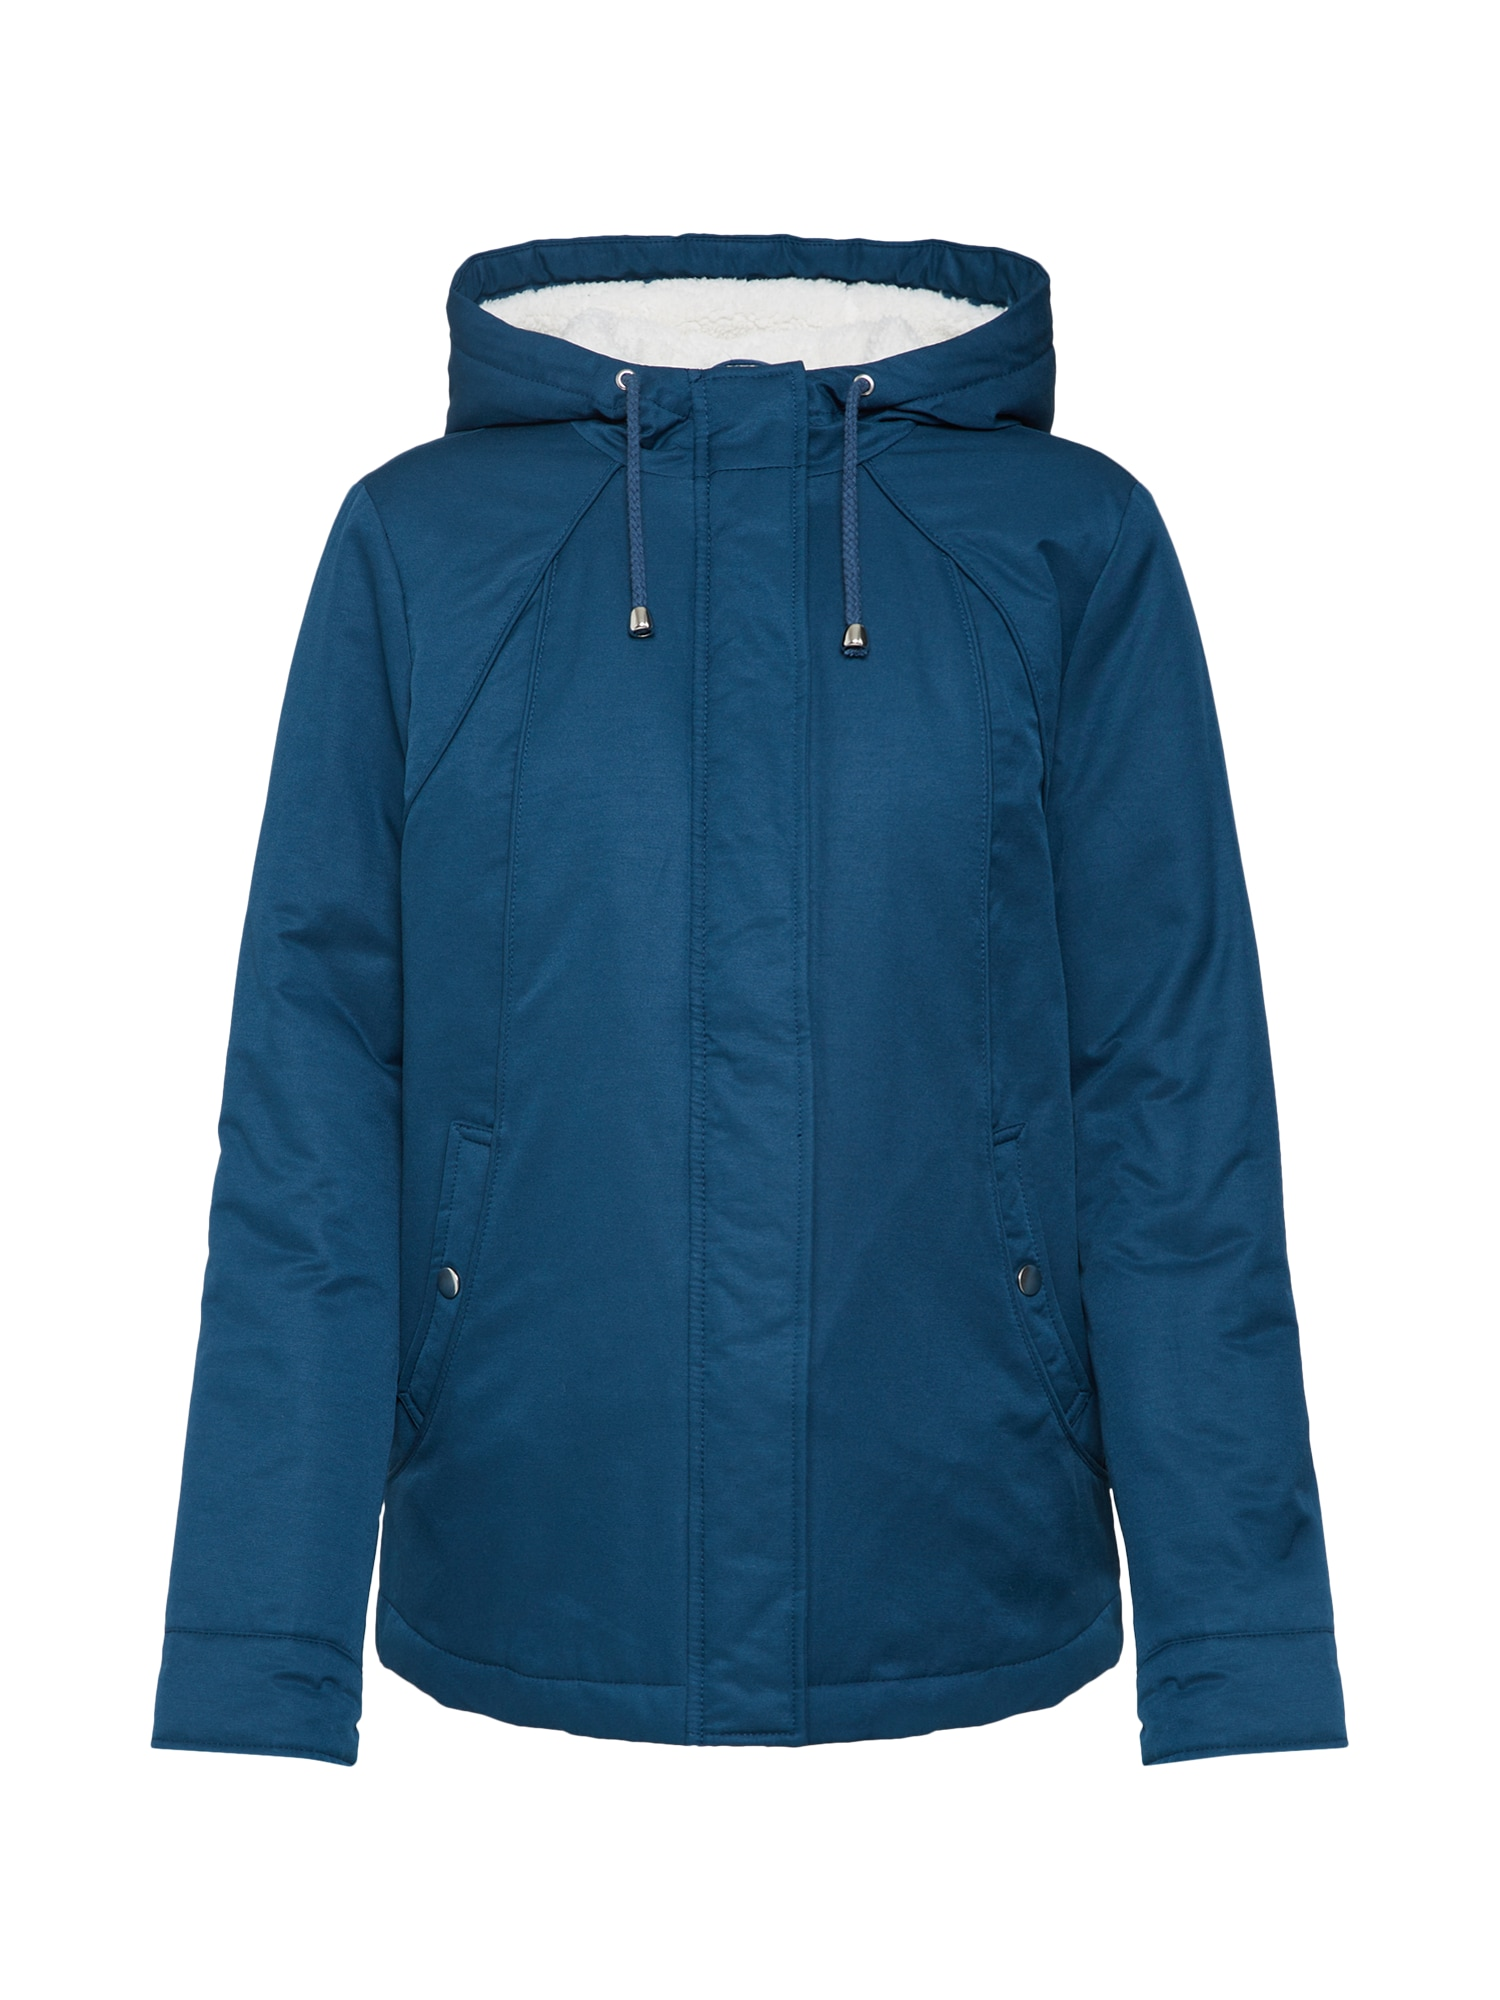 Zimní bunda Tamina nebeská modř ABOUT YOU